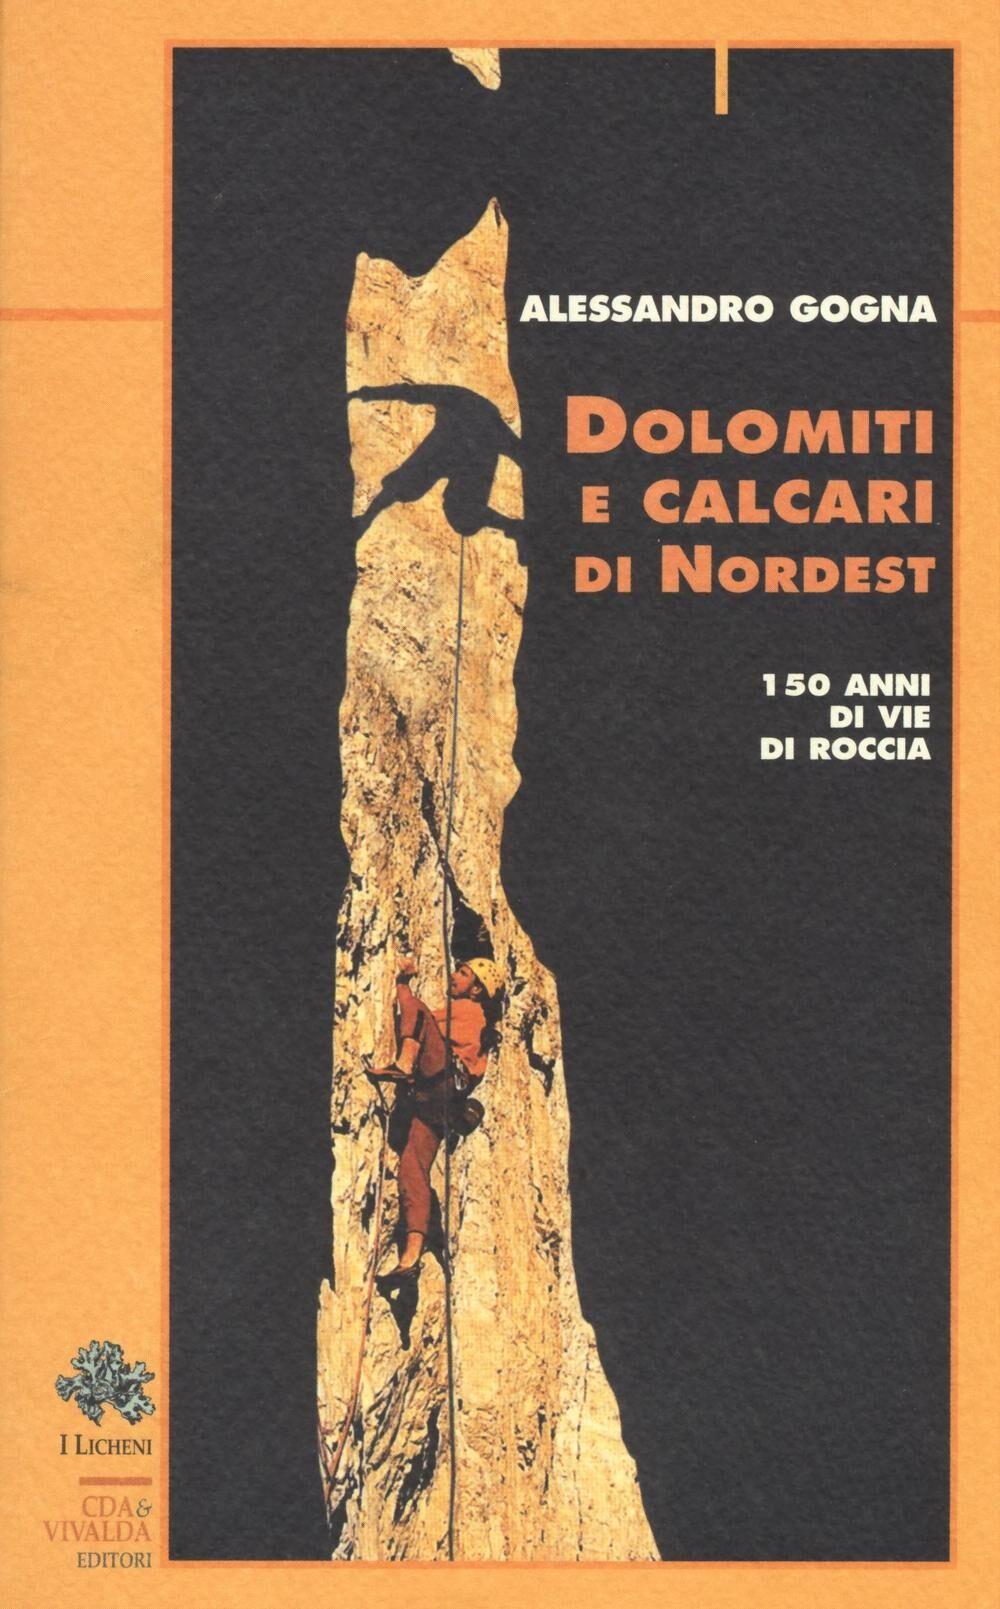 Dolomiti e calcari di Nordest. 150 anni di vie di roccia